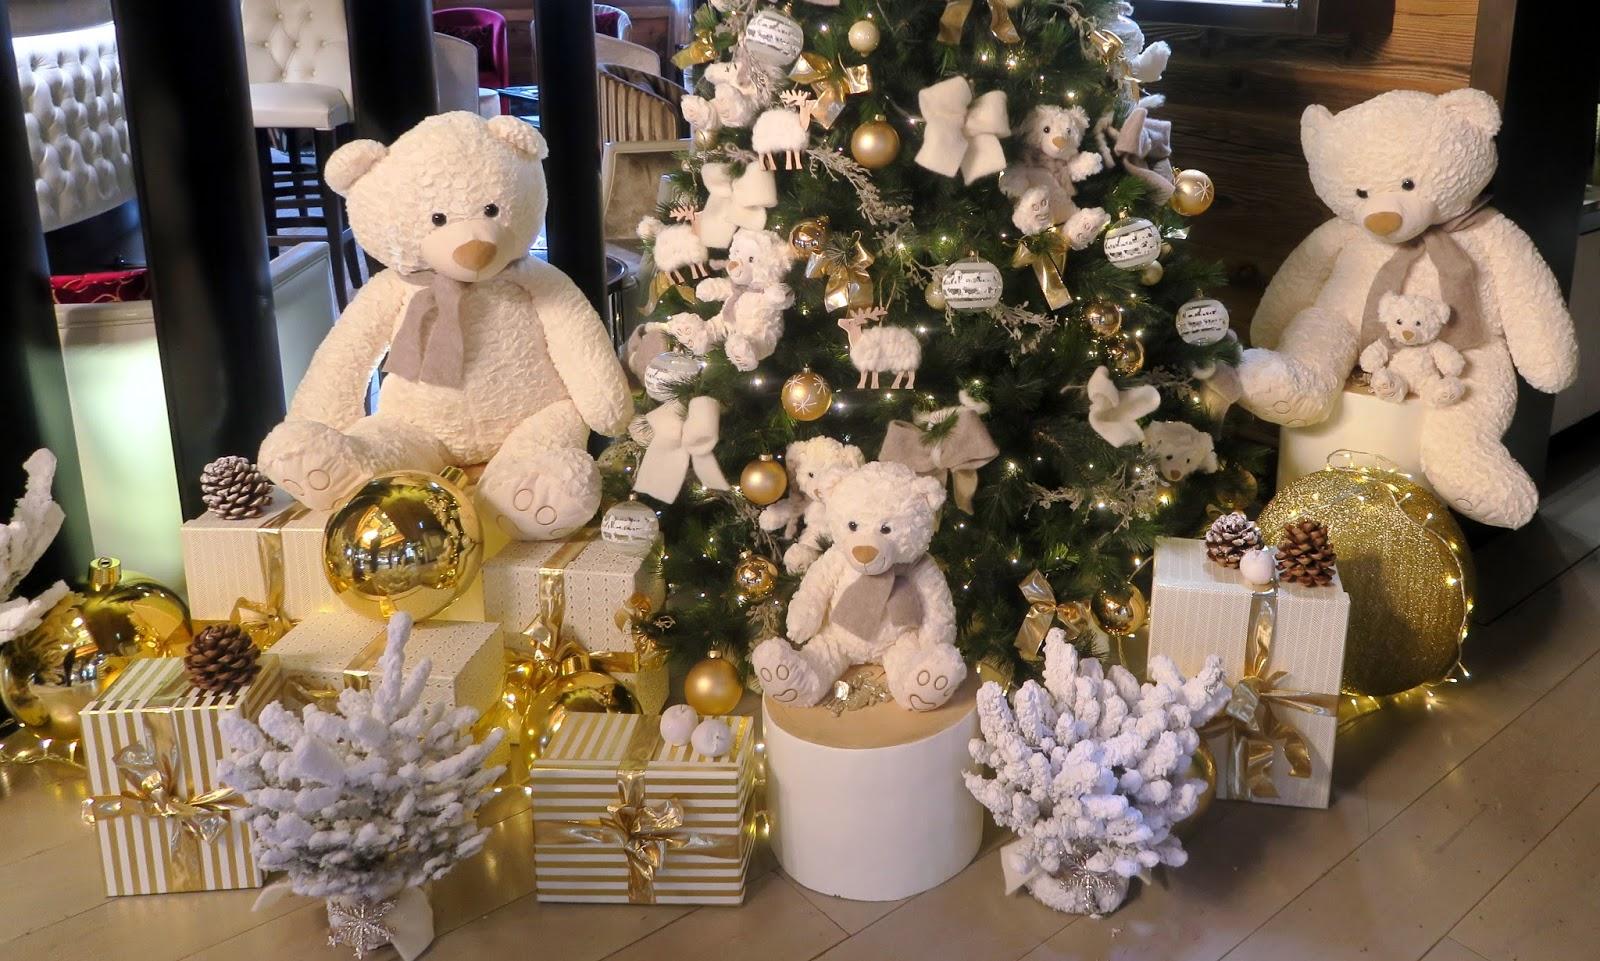 Besonder Weihnachtsgeschenke.Besondere Weihnachtsgeschenke Für Deinen Schatz Home Art Magazine